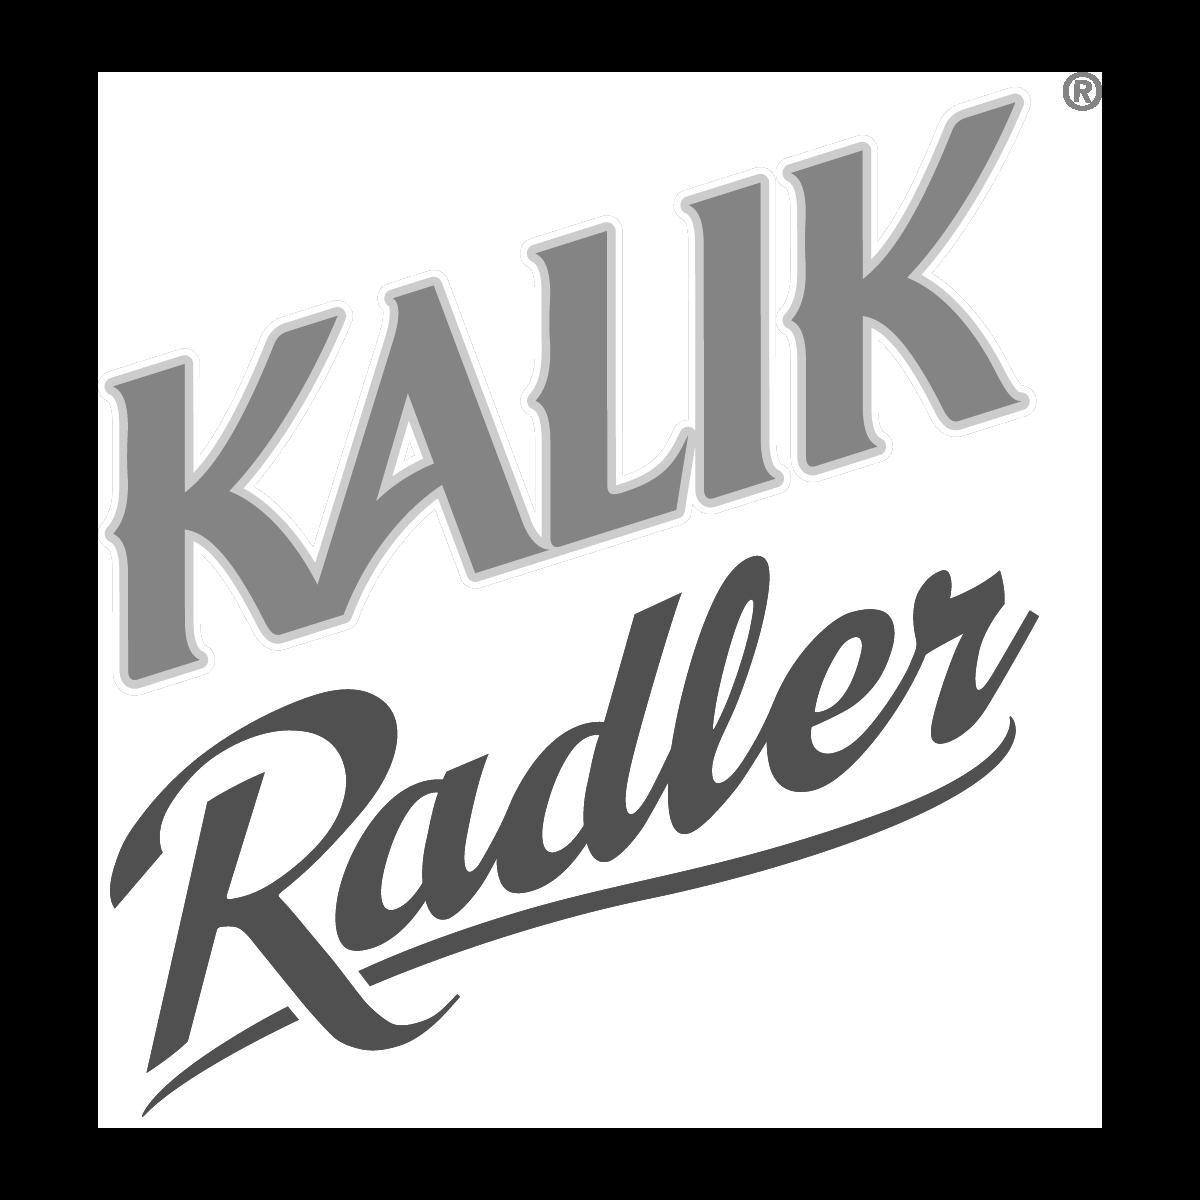 Radler_Logo-B&W.png